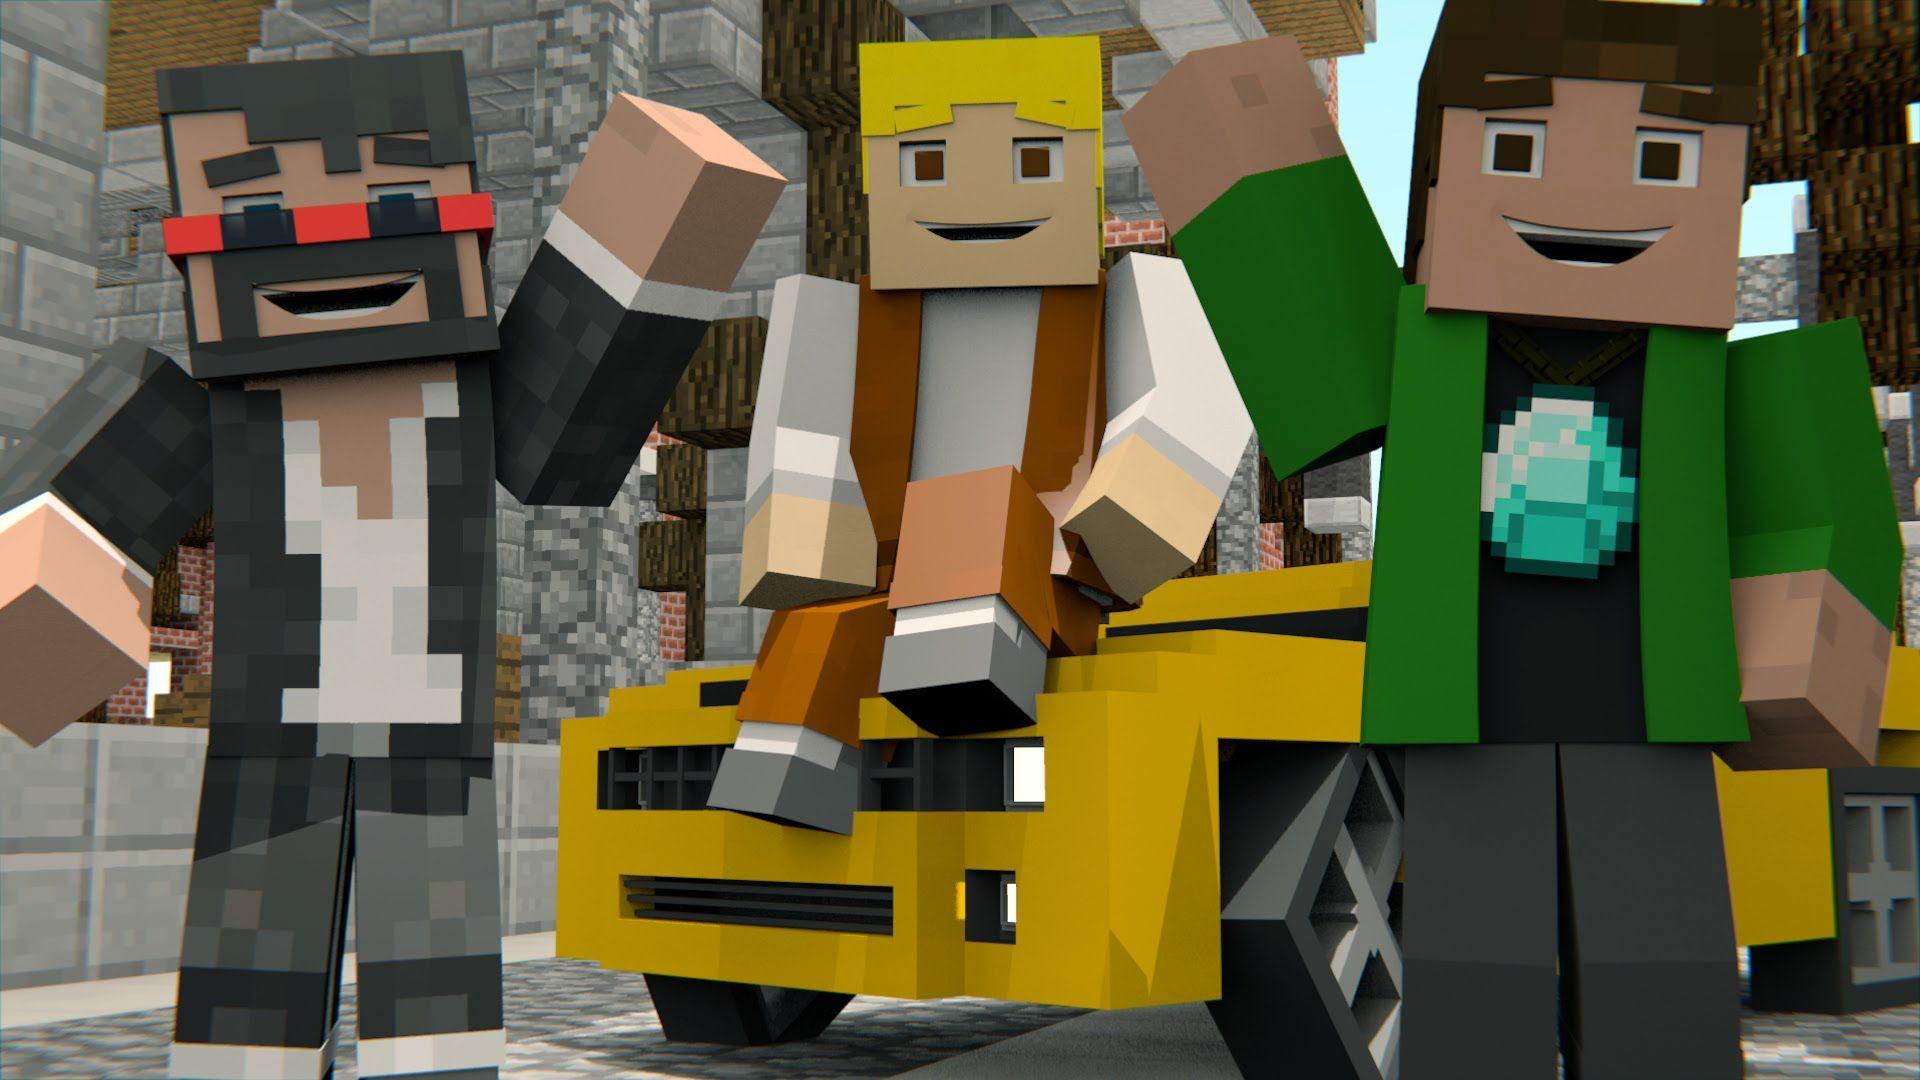 MINECRAFT SONG 'Minecraft Life' Animated Minecraft Music